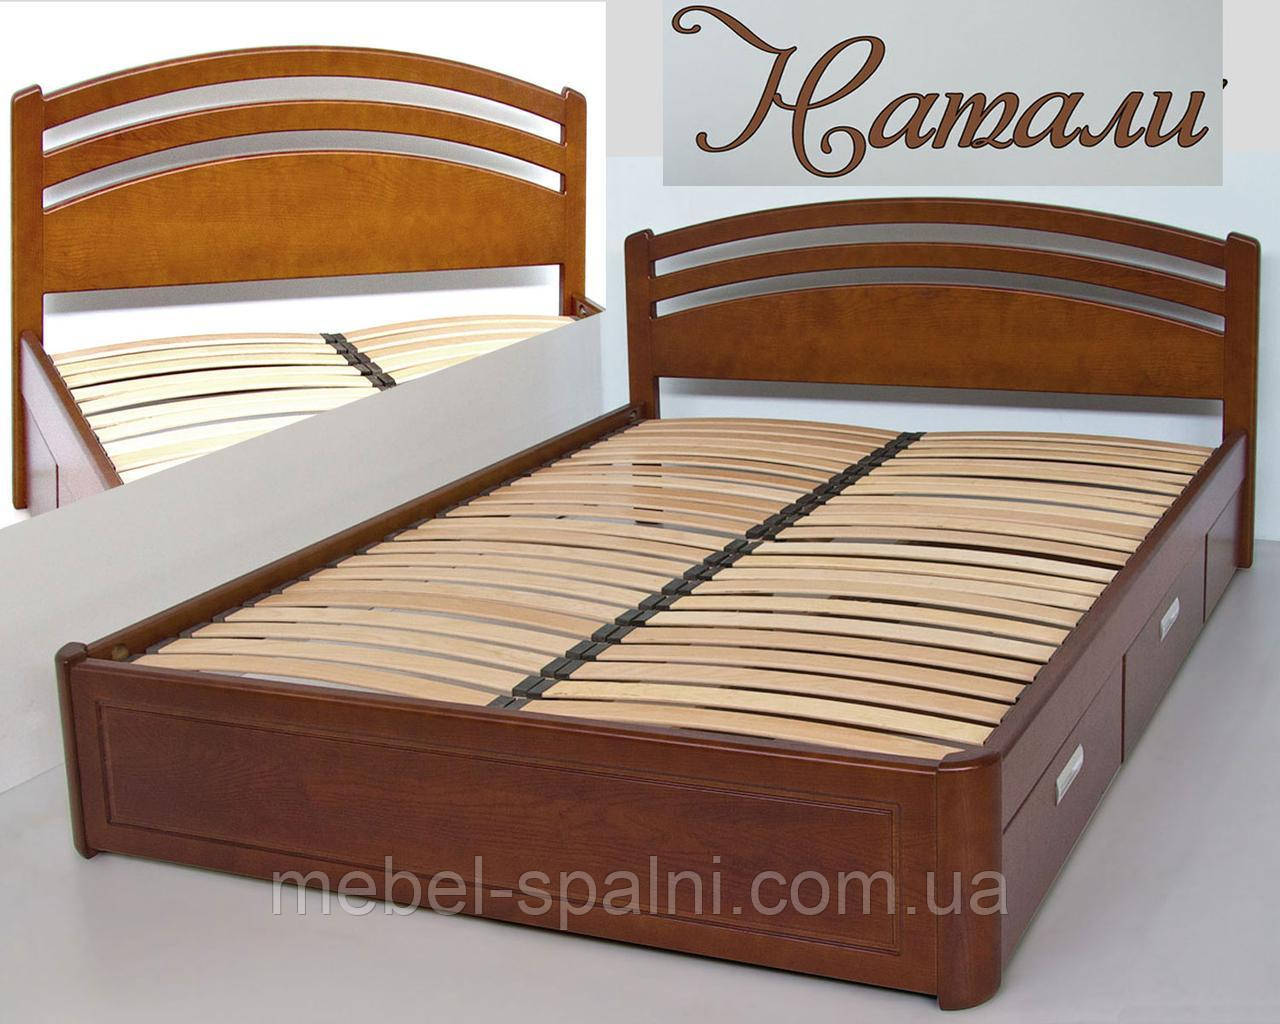 Кровать двуспальная деревянная «Натали»